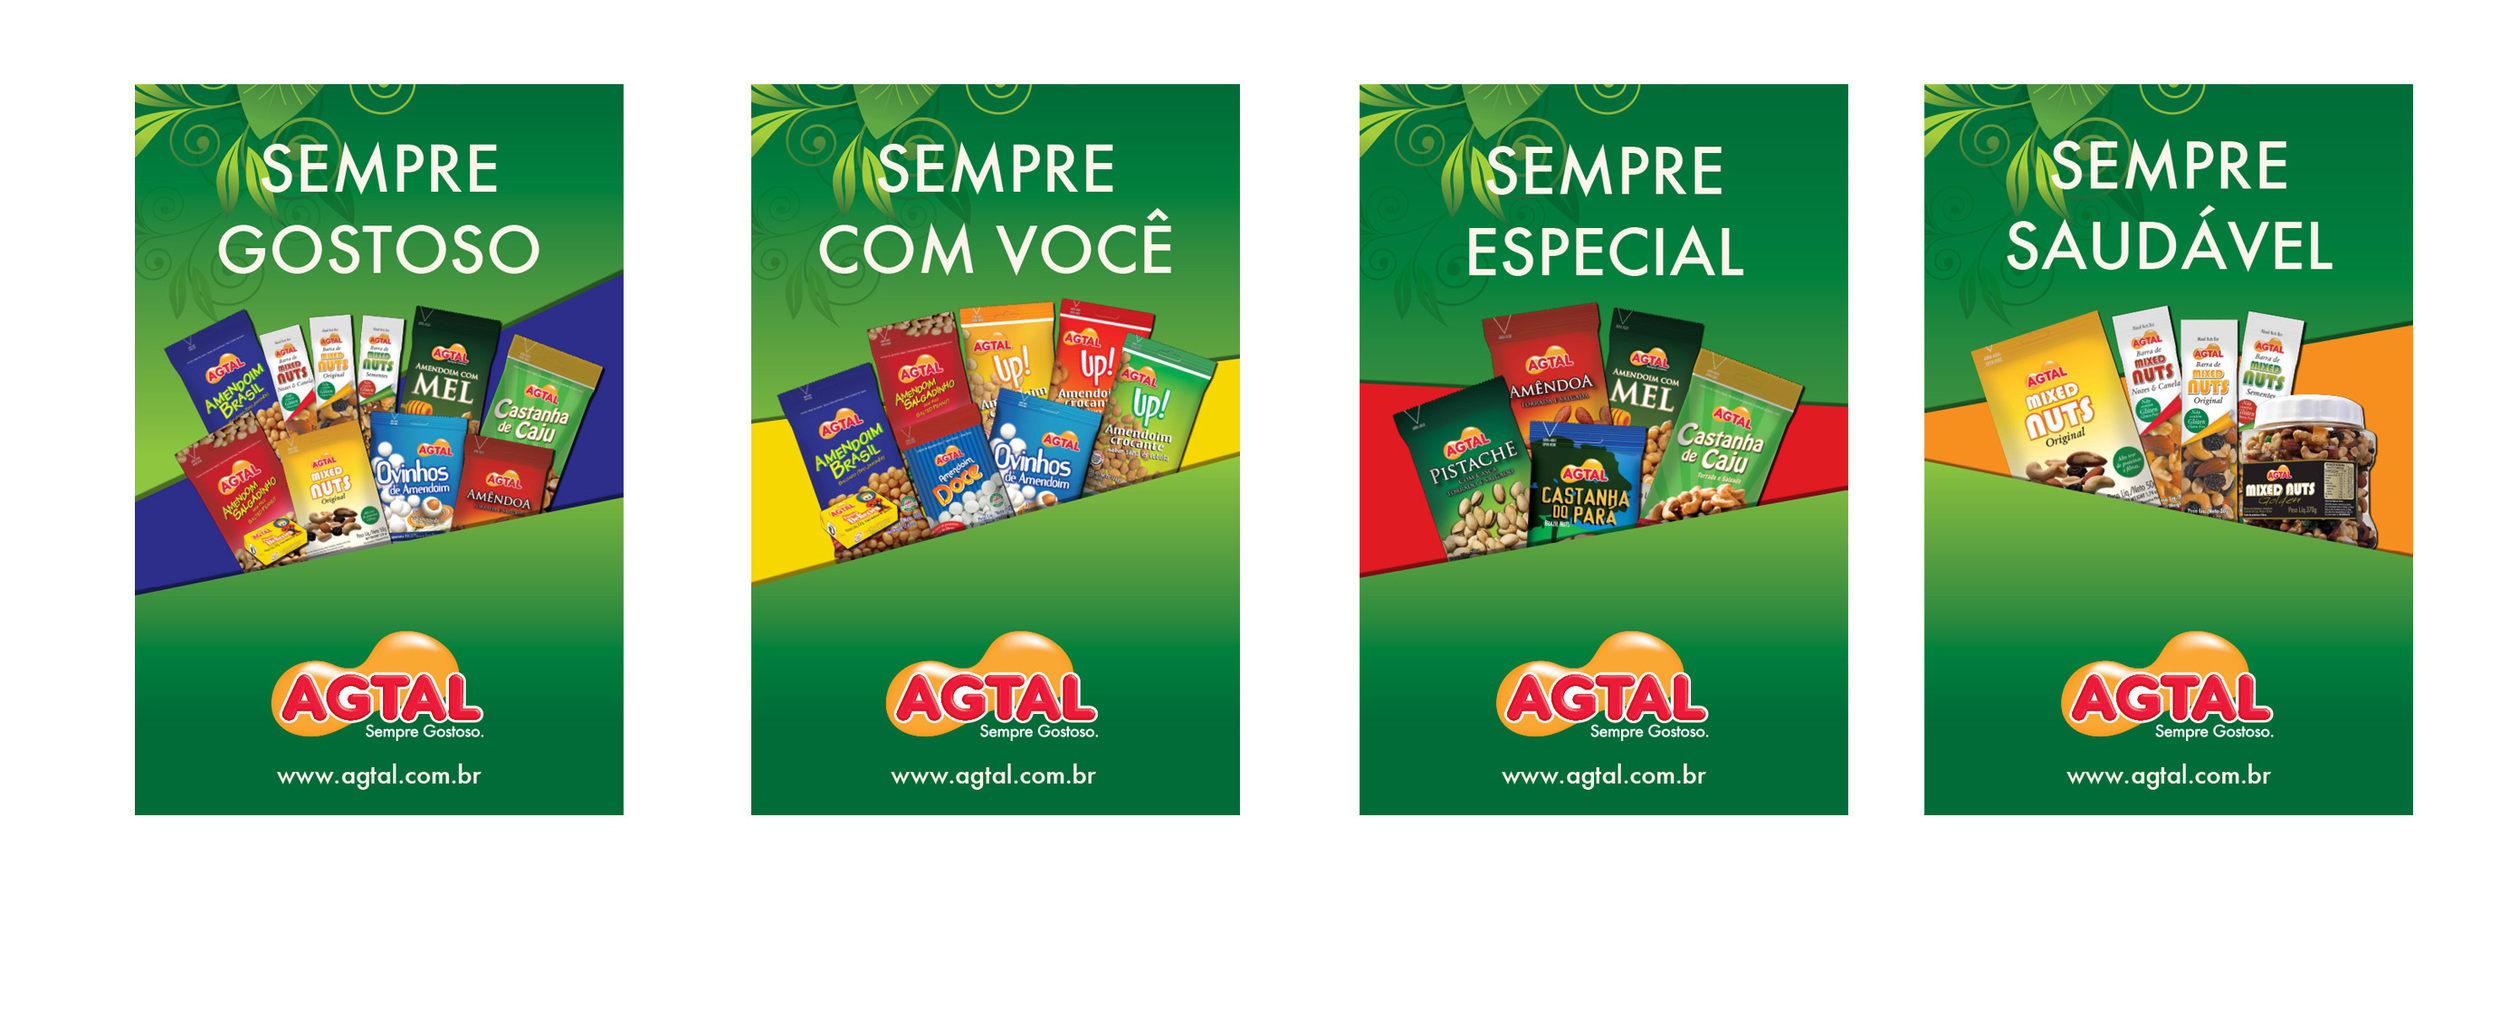 Desde 2007, a comunicação da Agtal é criada pela Madre. O trabalho inclui embalagens, material de ponto de venda, anúncios, ações promocionais etc.